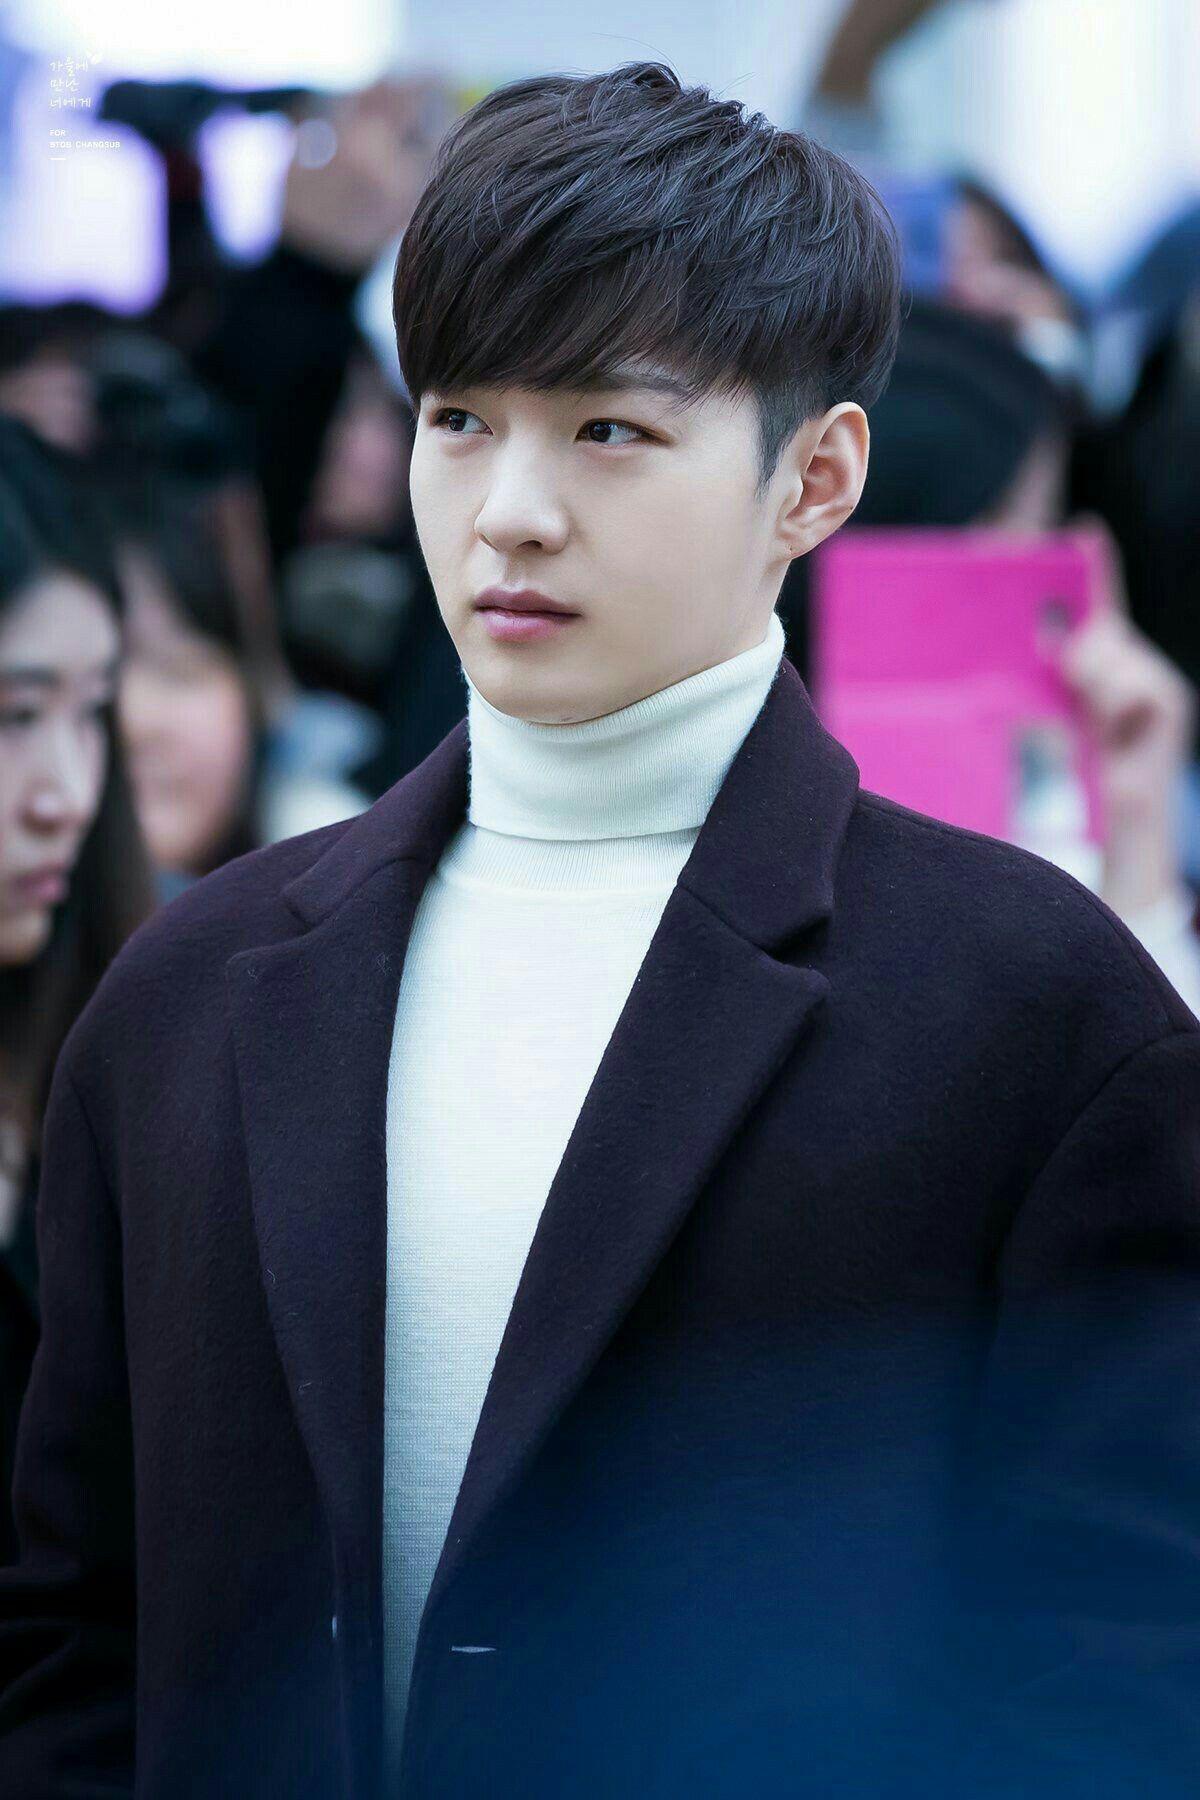 pin von miriosa auf k-pop in 2018   pinterest   korean men hairstyle